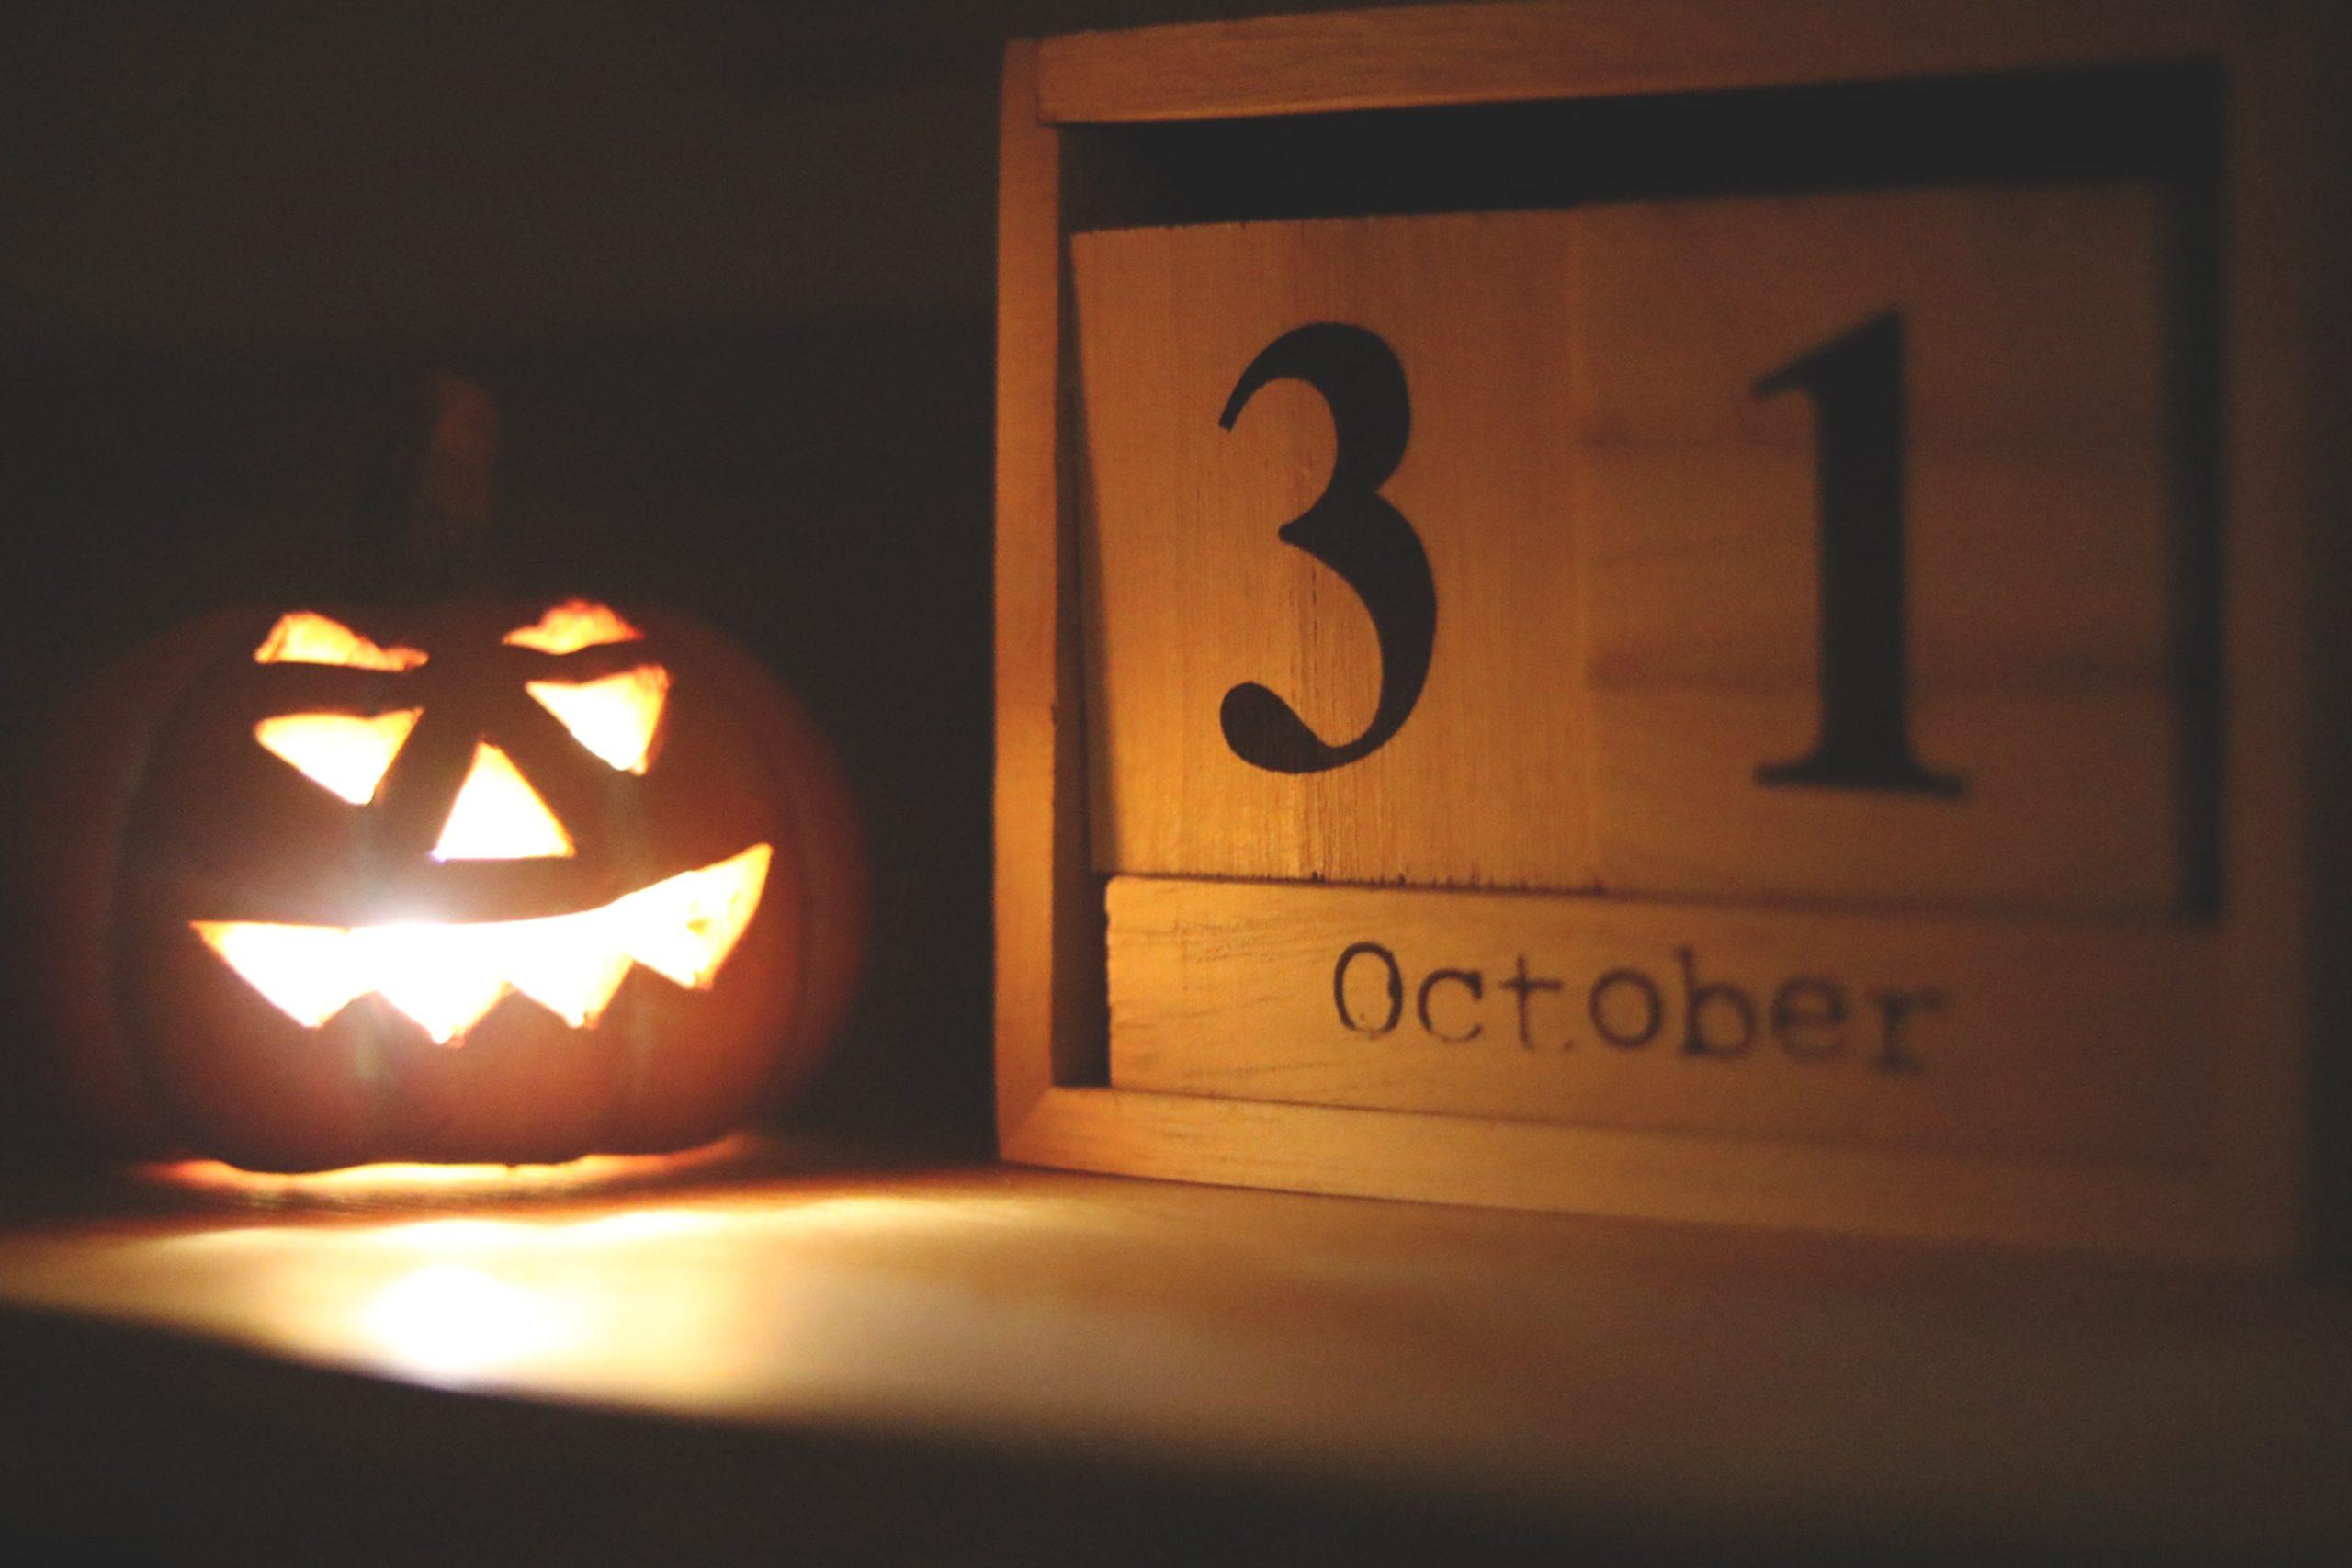 Przygotuj się na Halloween. Ciekawe prezenty i gadżety.